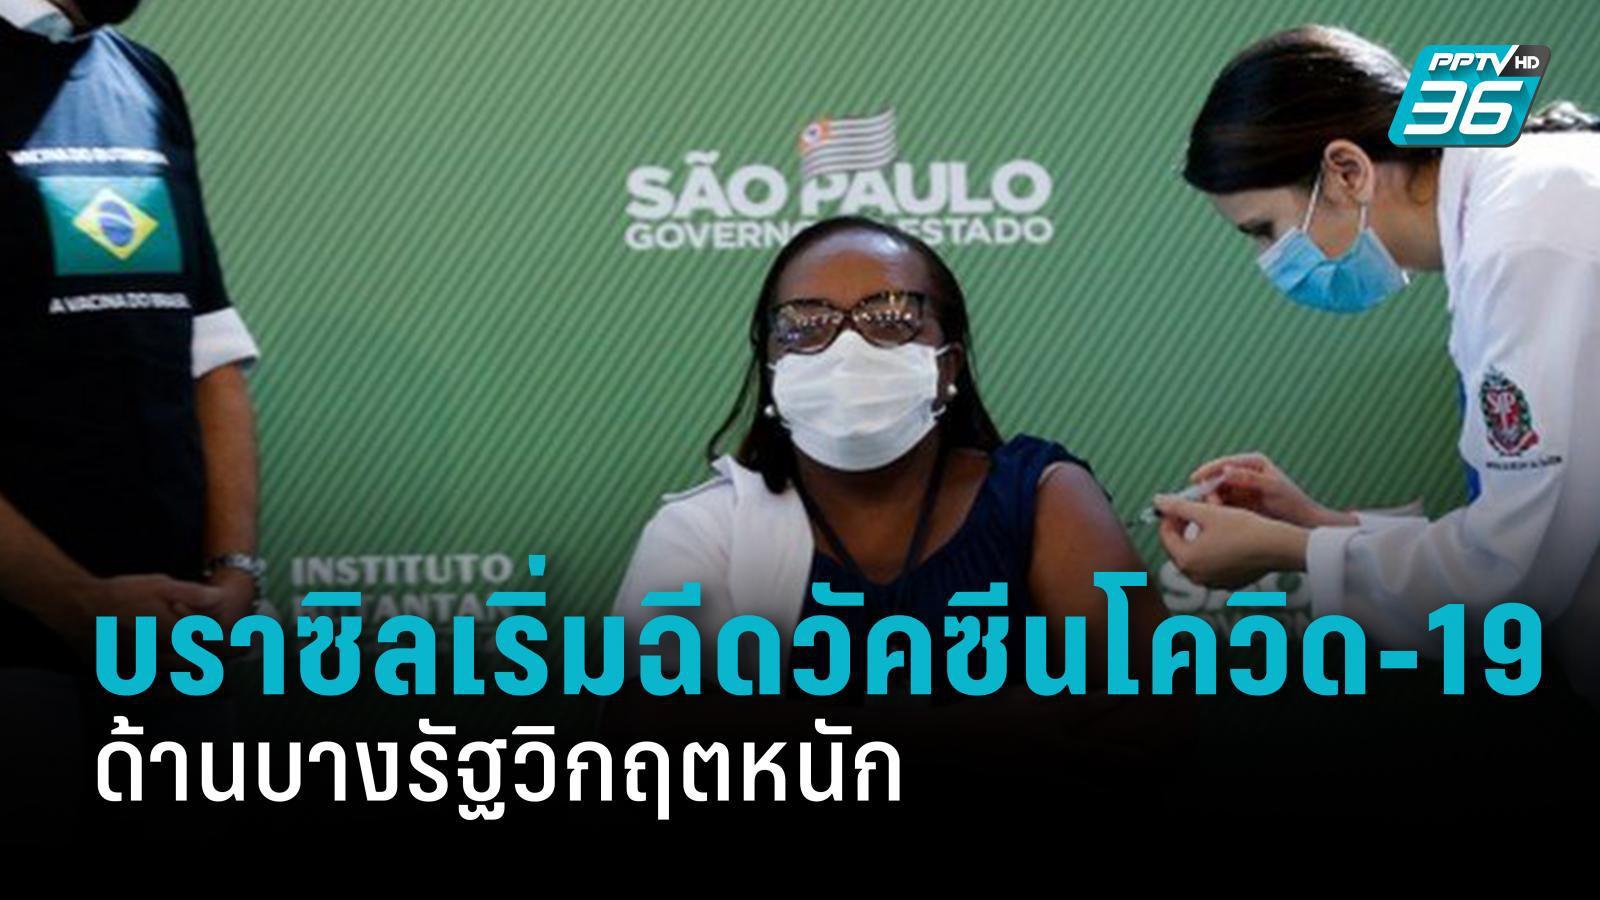 บราซิลเริ่มฉีดวัคซีนโควิด-19 ด้านบางพื้นที่ยังวิกฤต